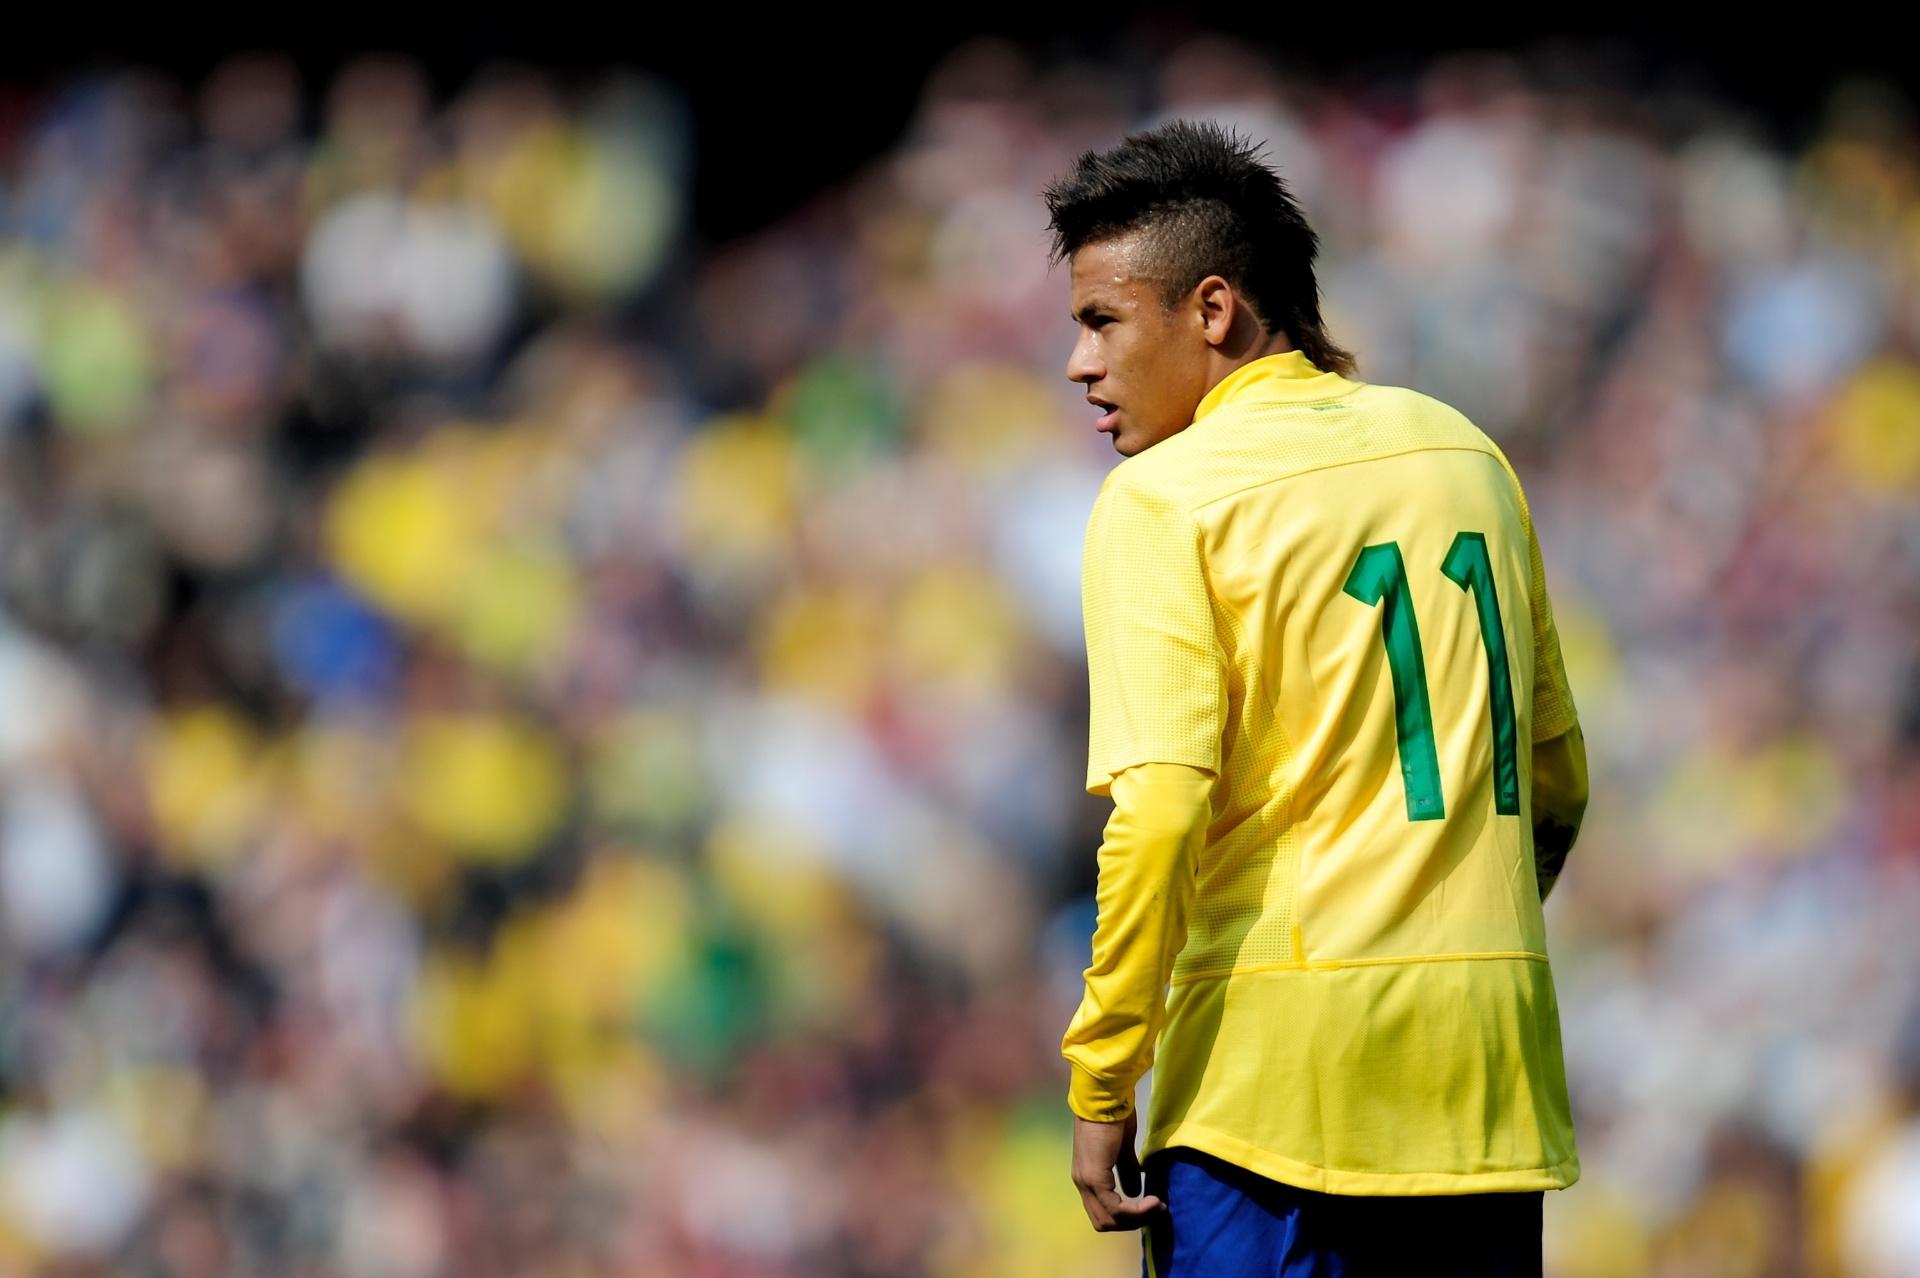 Neymar, o último dos moicanos, mostra seu look em amistoso contra a Escócia